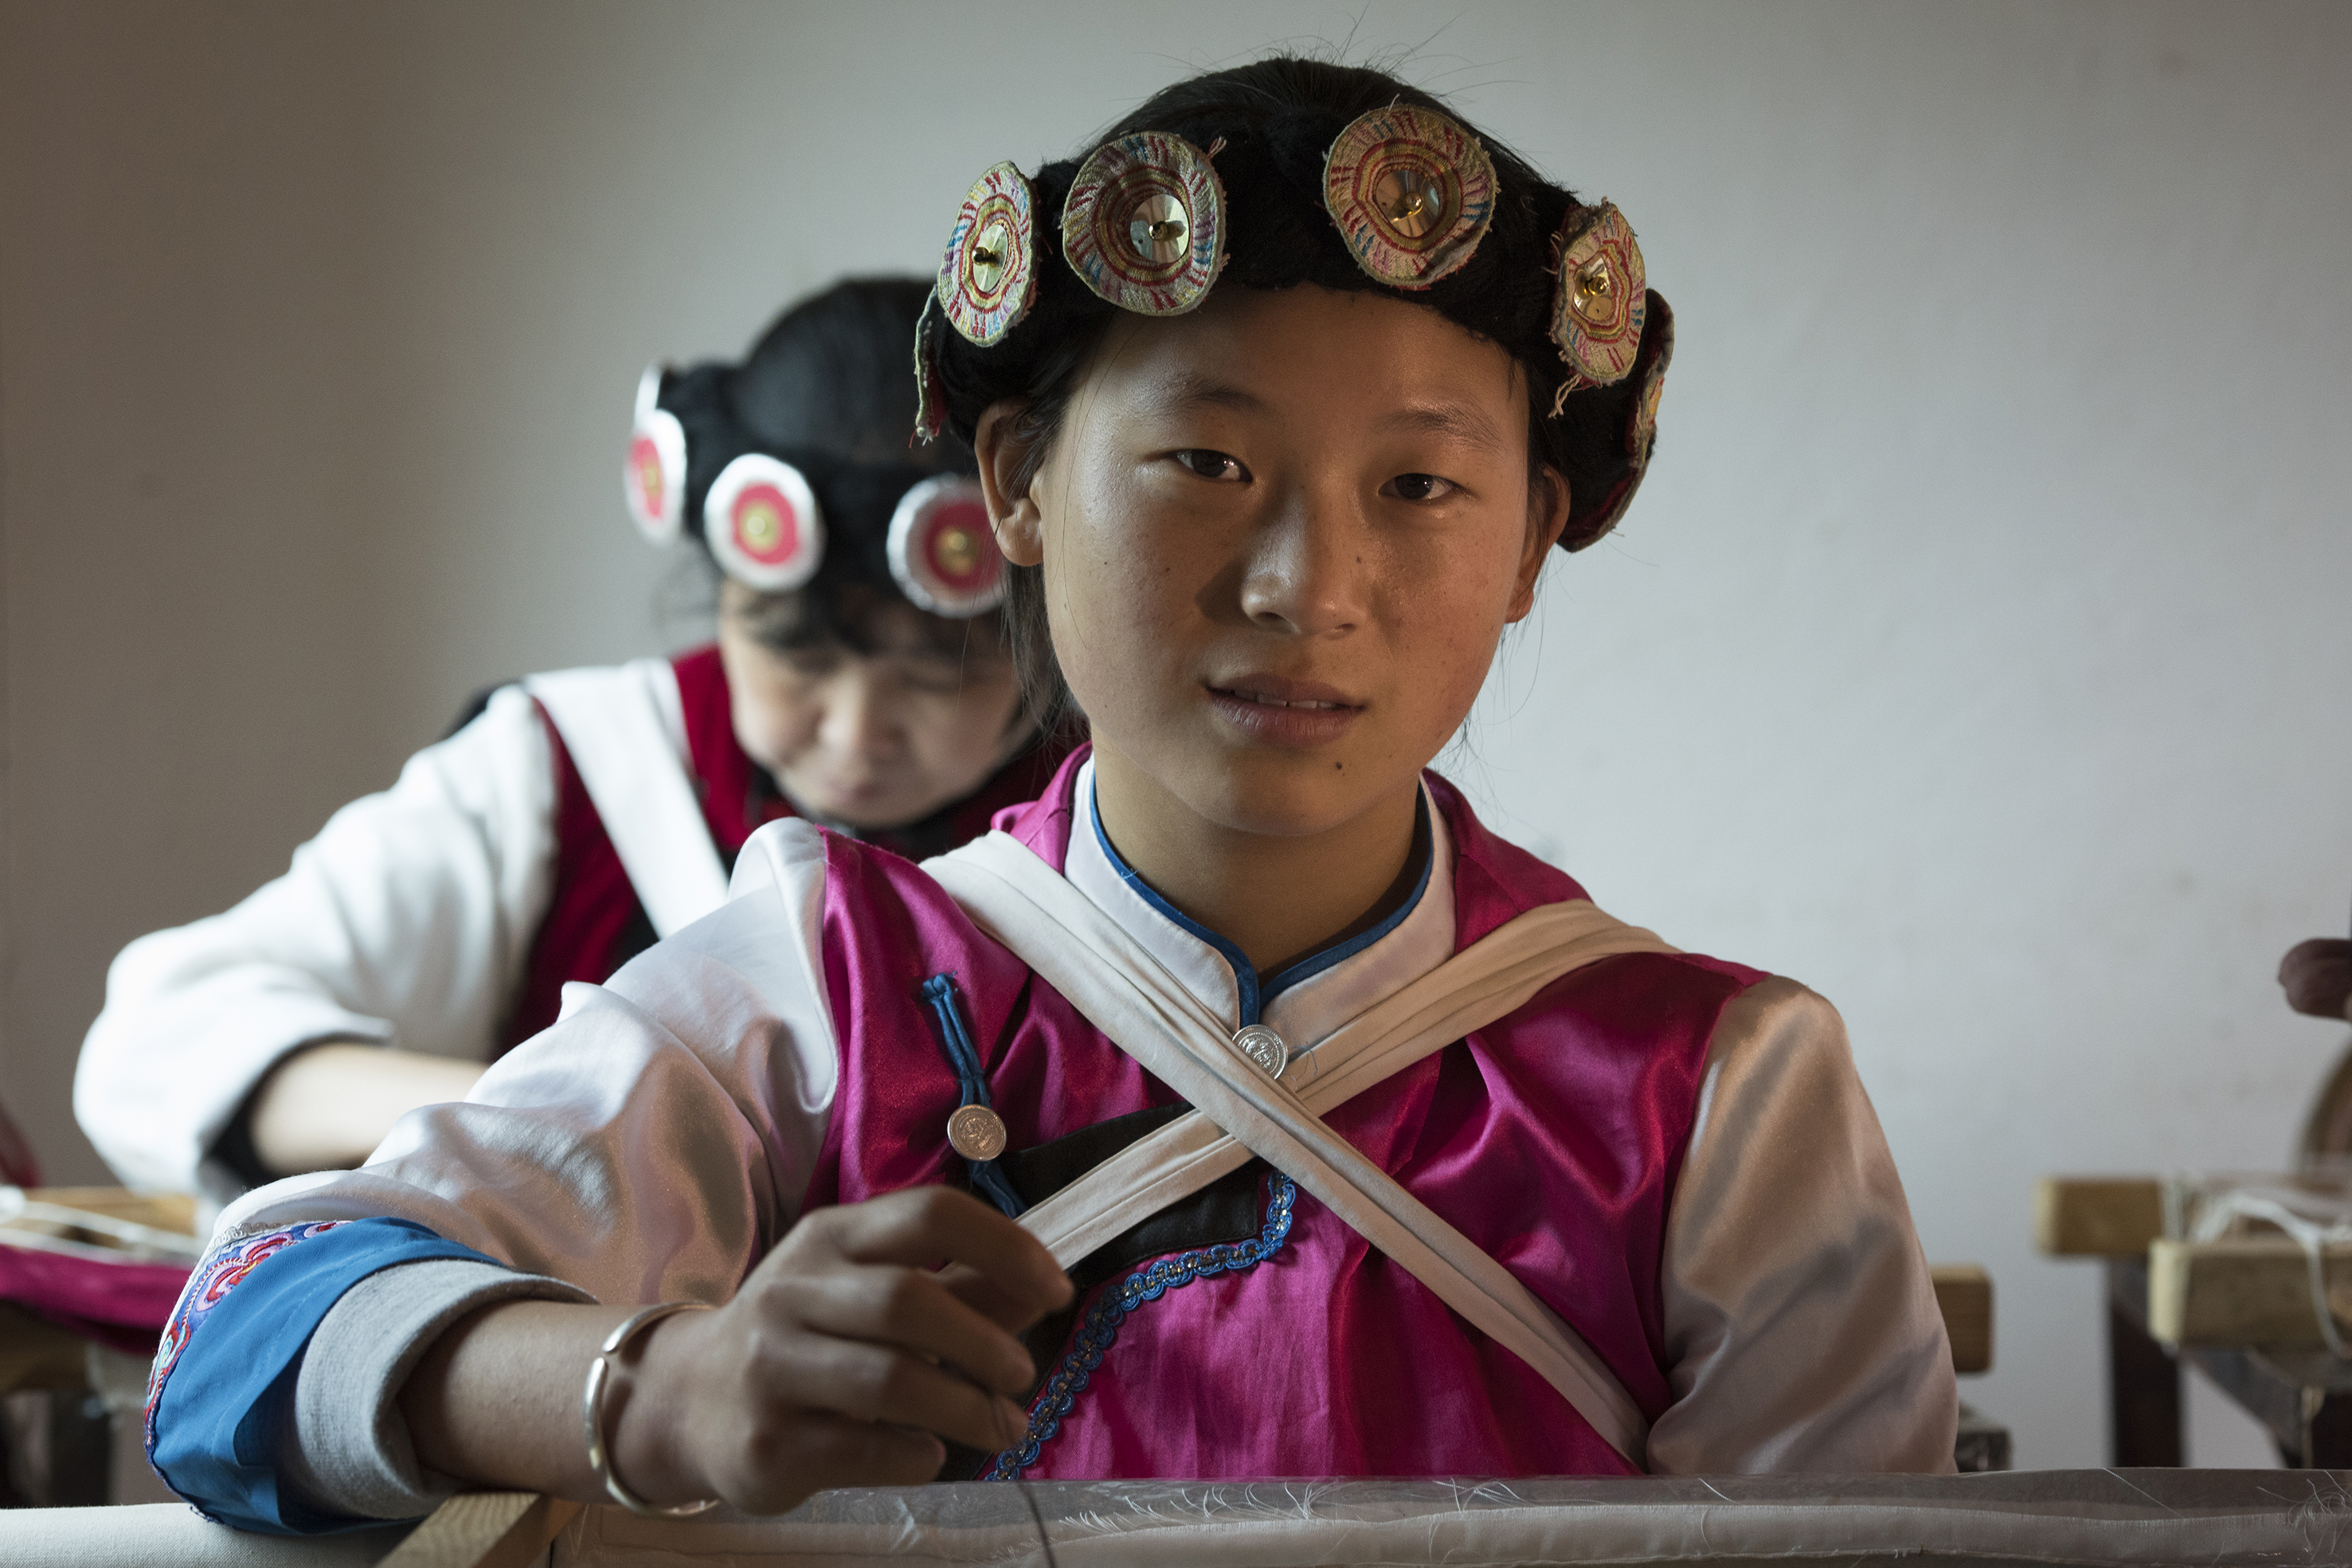 בנות נאשי רוקמות, ליג'יאנג, יונאן